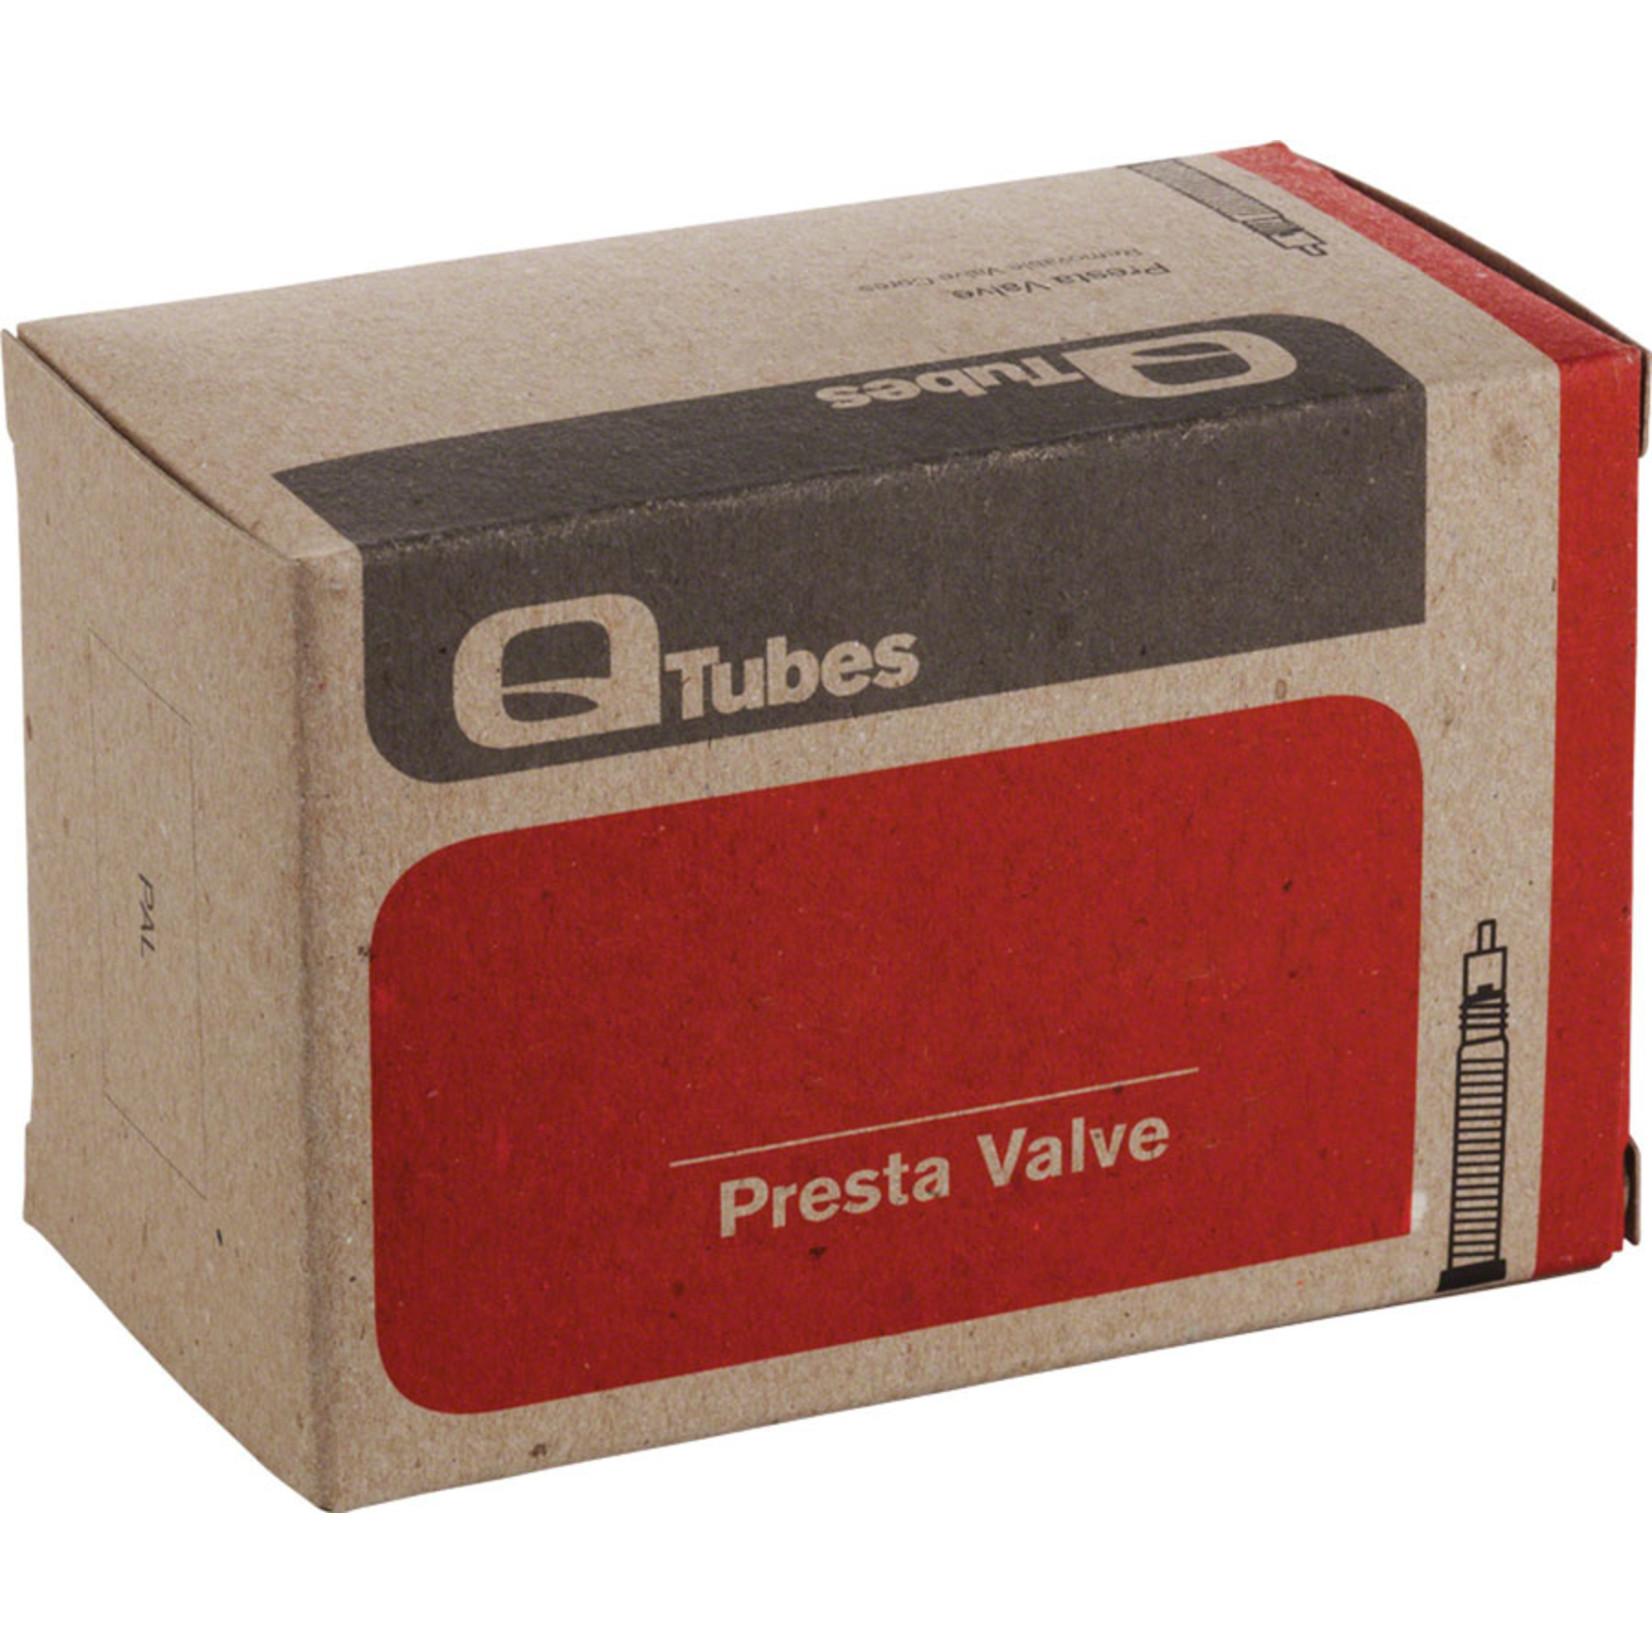 Q-Tubes Q-Tubes 26 x 1-1.25 32mm Presta Valve Tube 96g